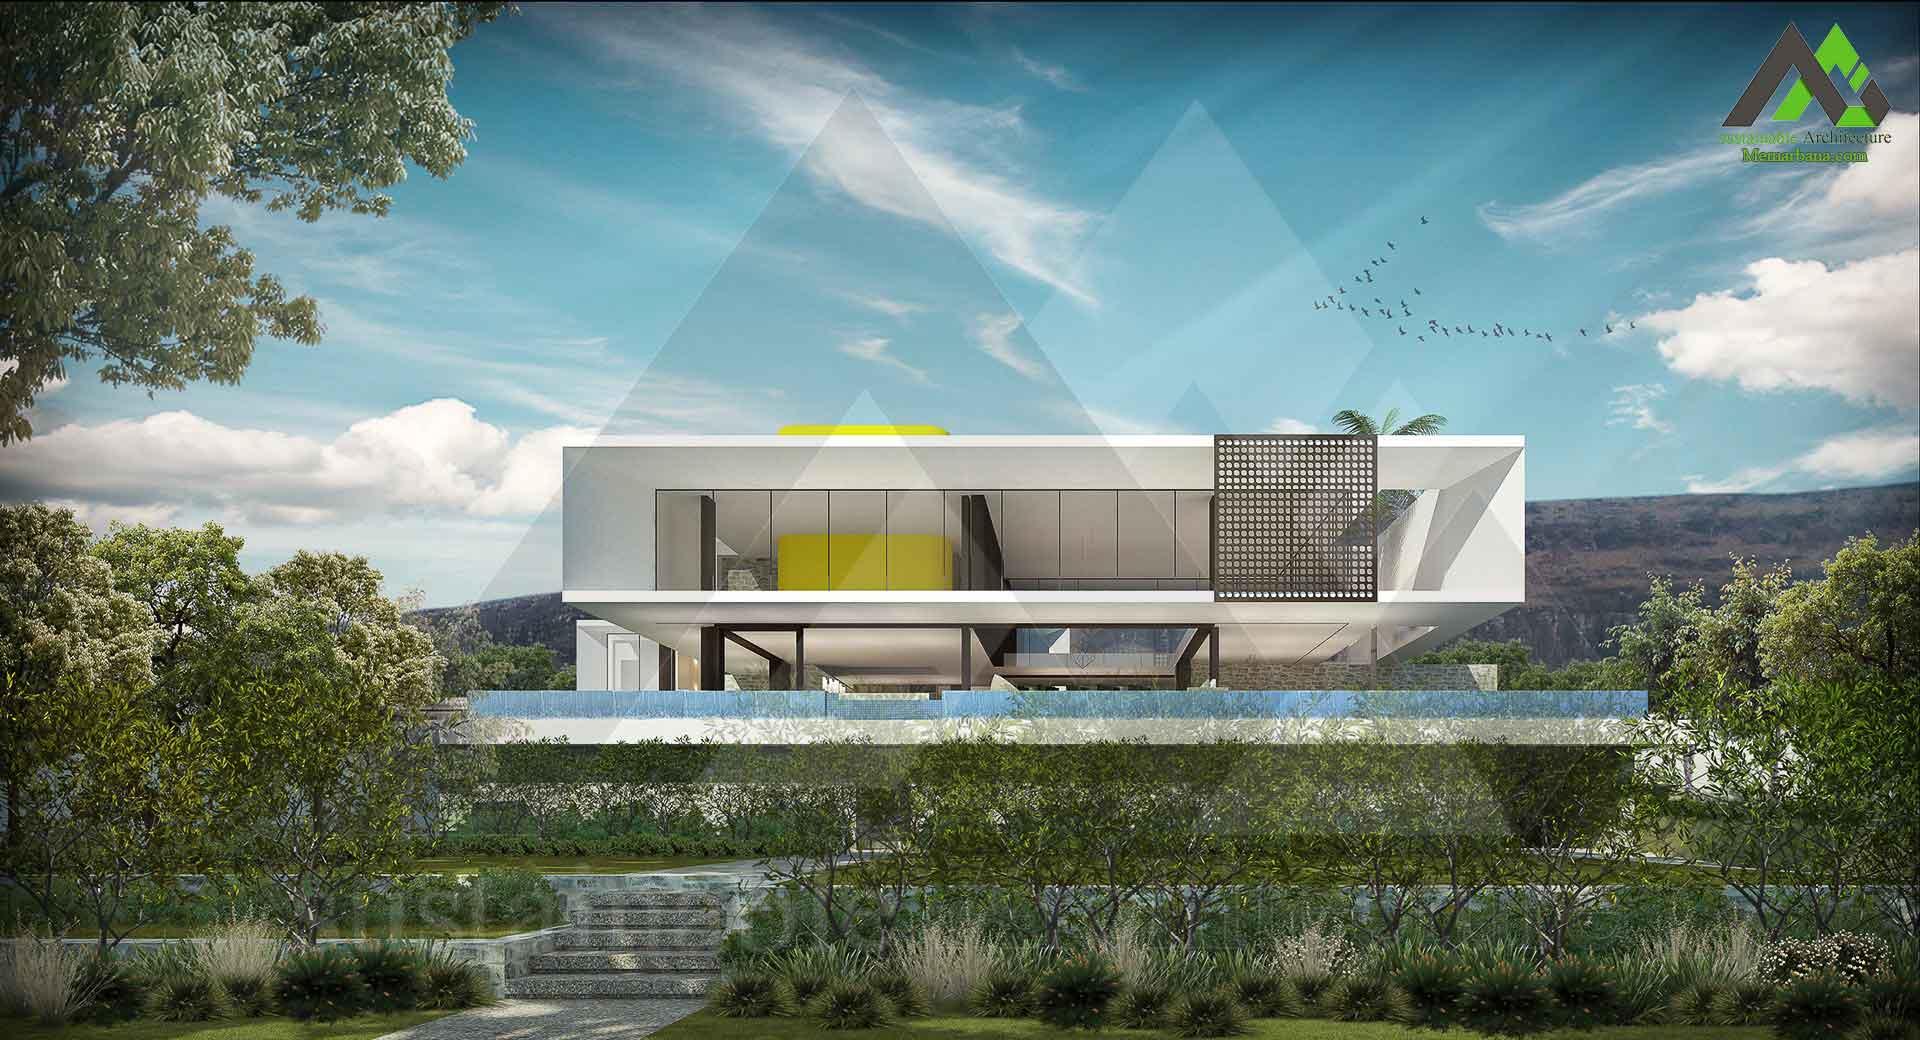 طراحی پلان ویلا دو طبقه مدرن